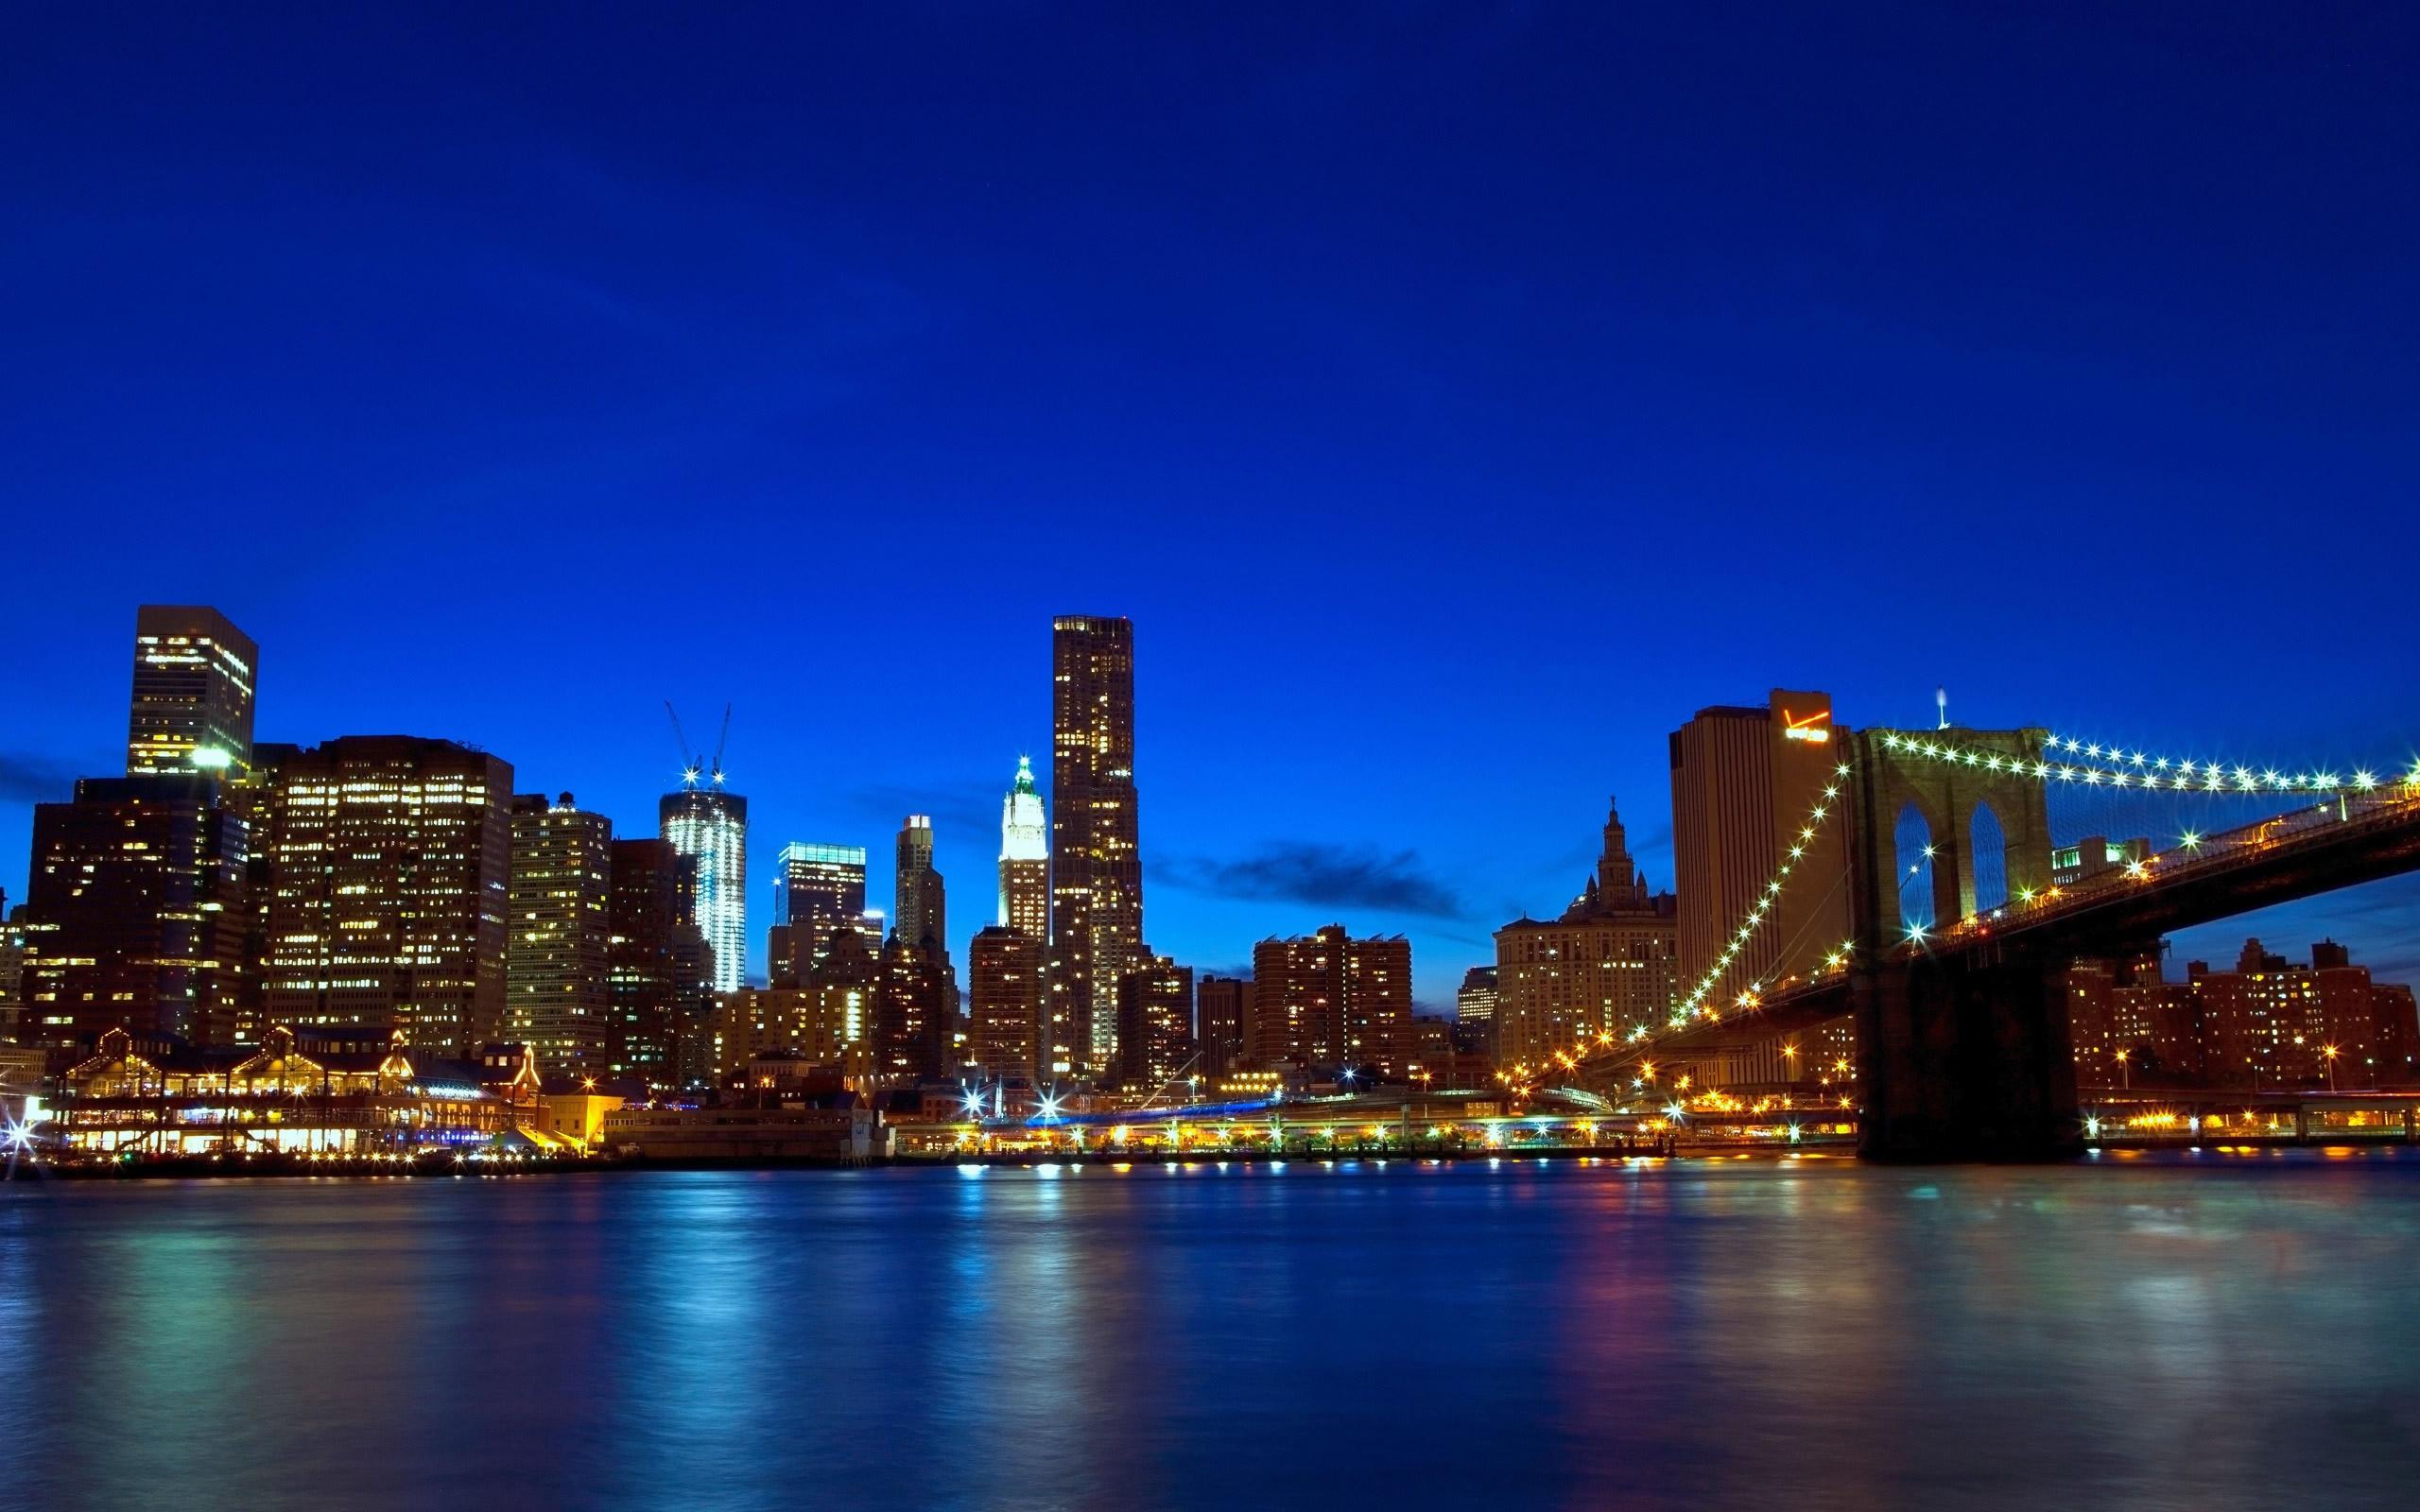 New york hd background voltagebd Gallery